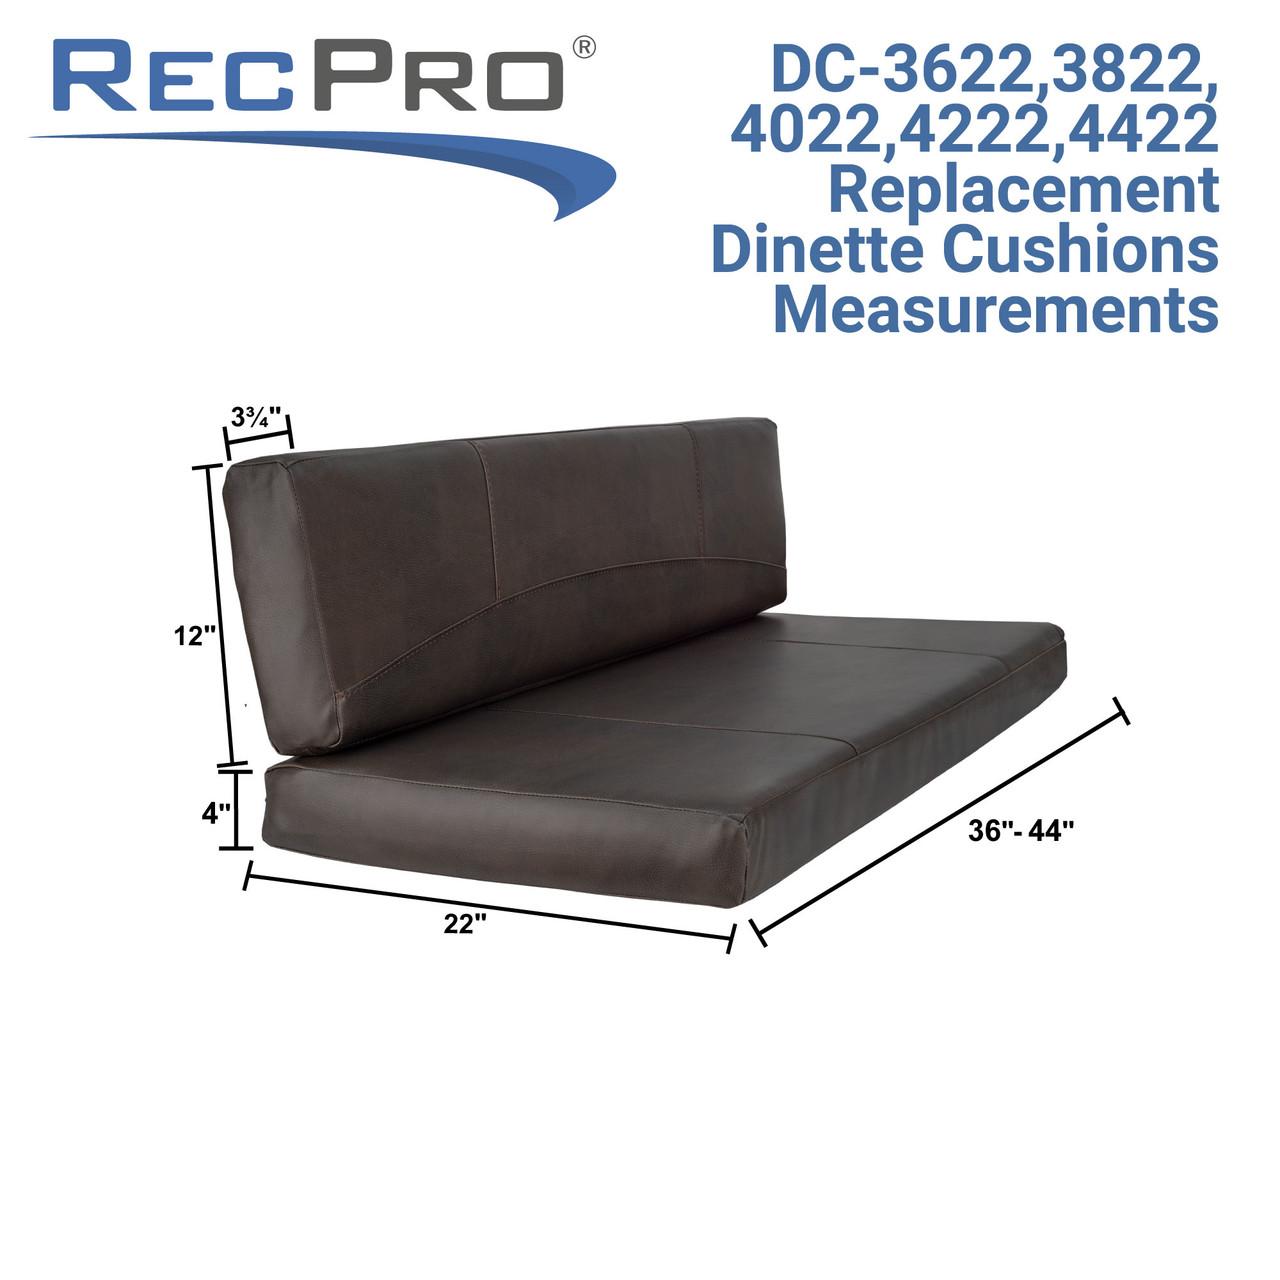 RV Dinette Cushion